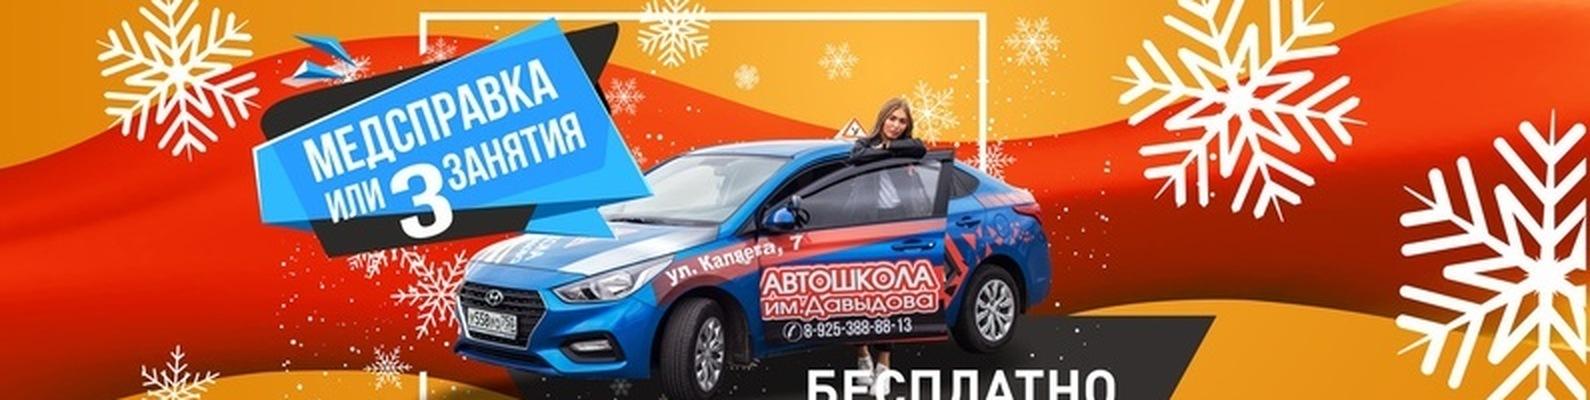 Водительская справка Электрогорск 2019